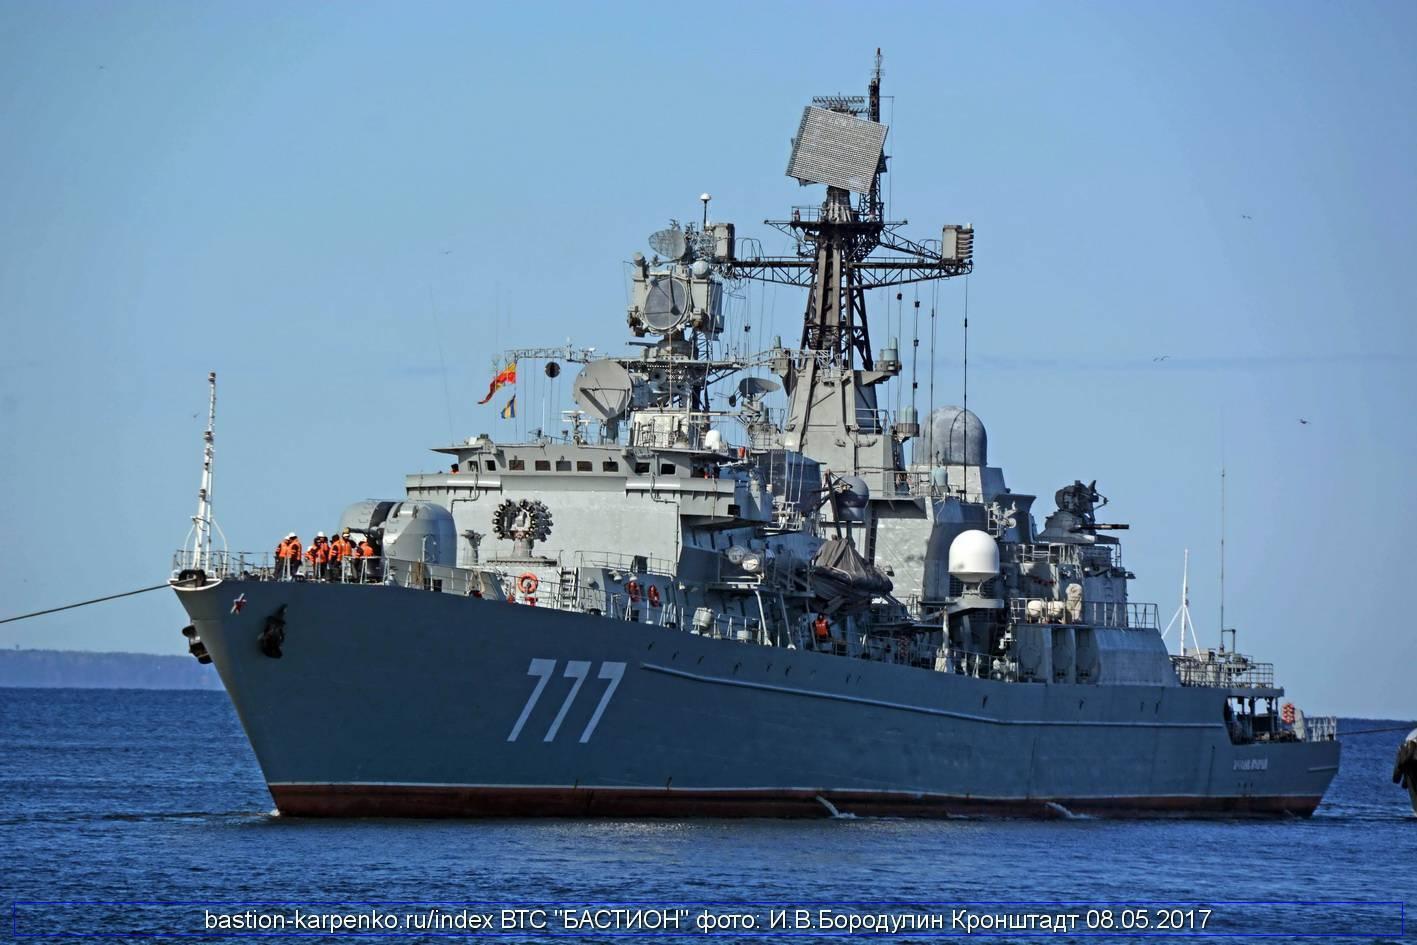 Фрегаты (сторожевые корабли) проекта 11356р/м. досье